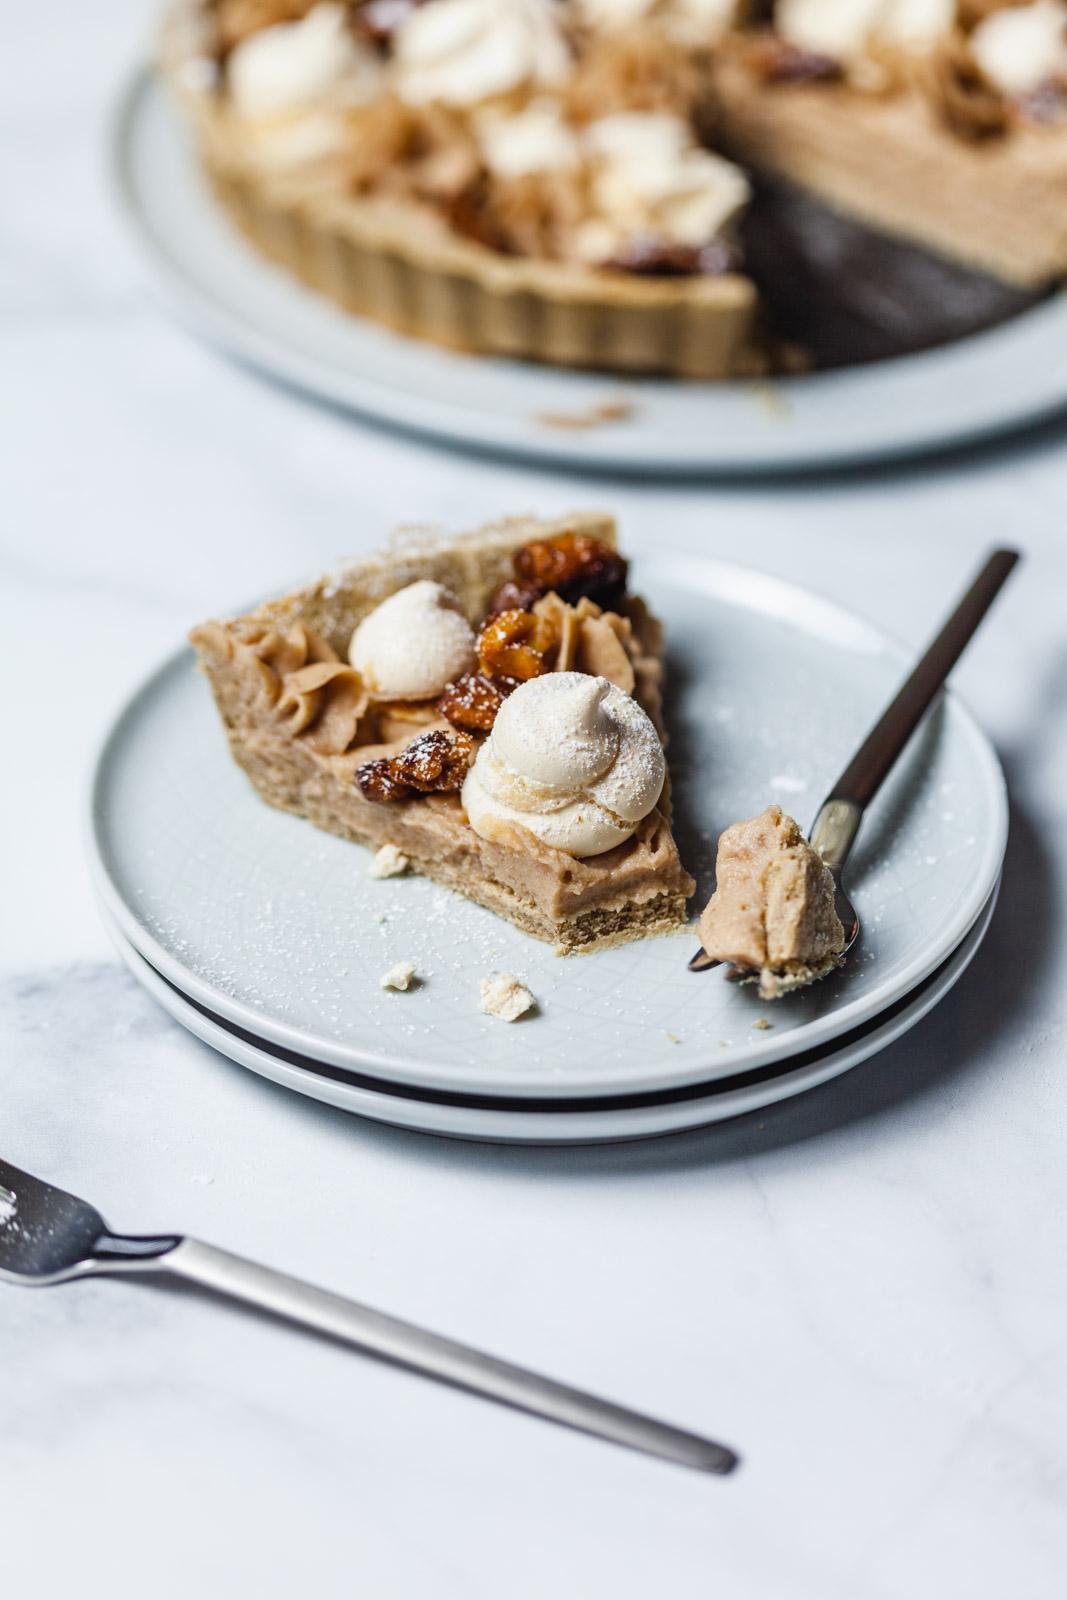 Mont Blanc Chestnut Dessert Tart